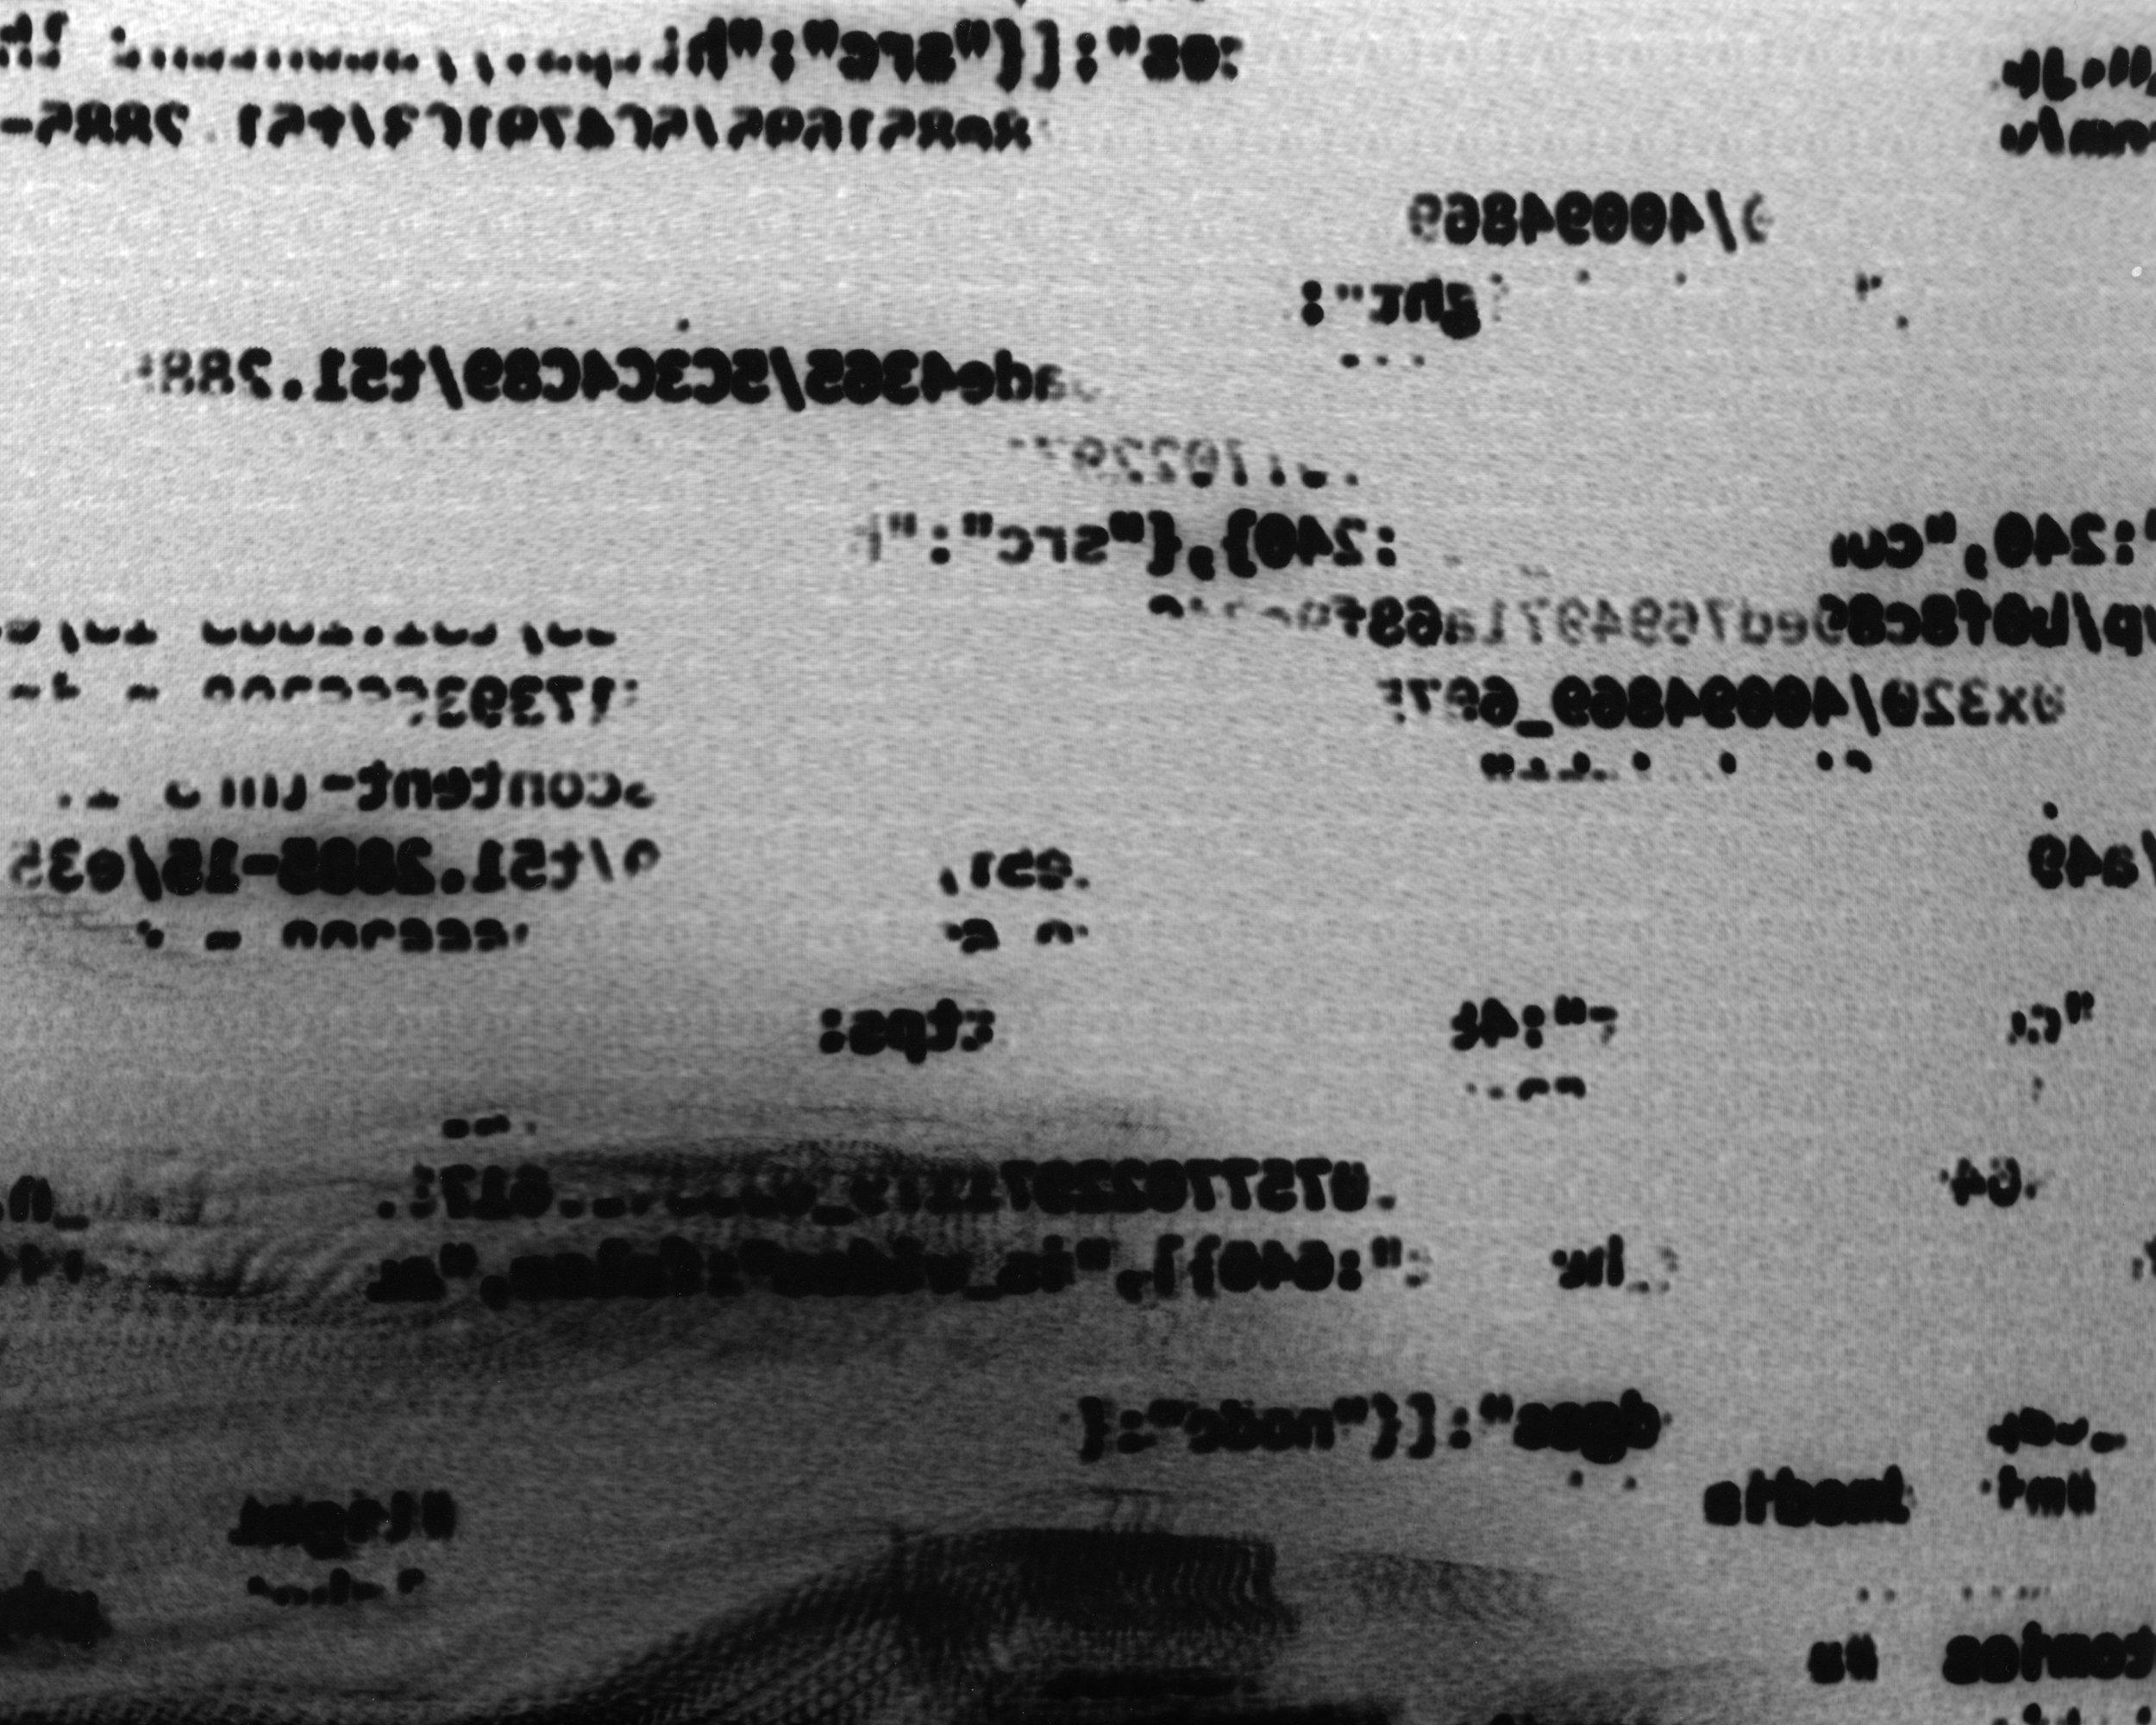 ErasedCode.jpg